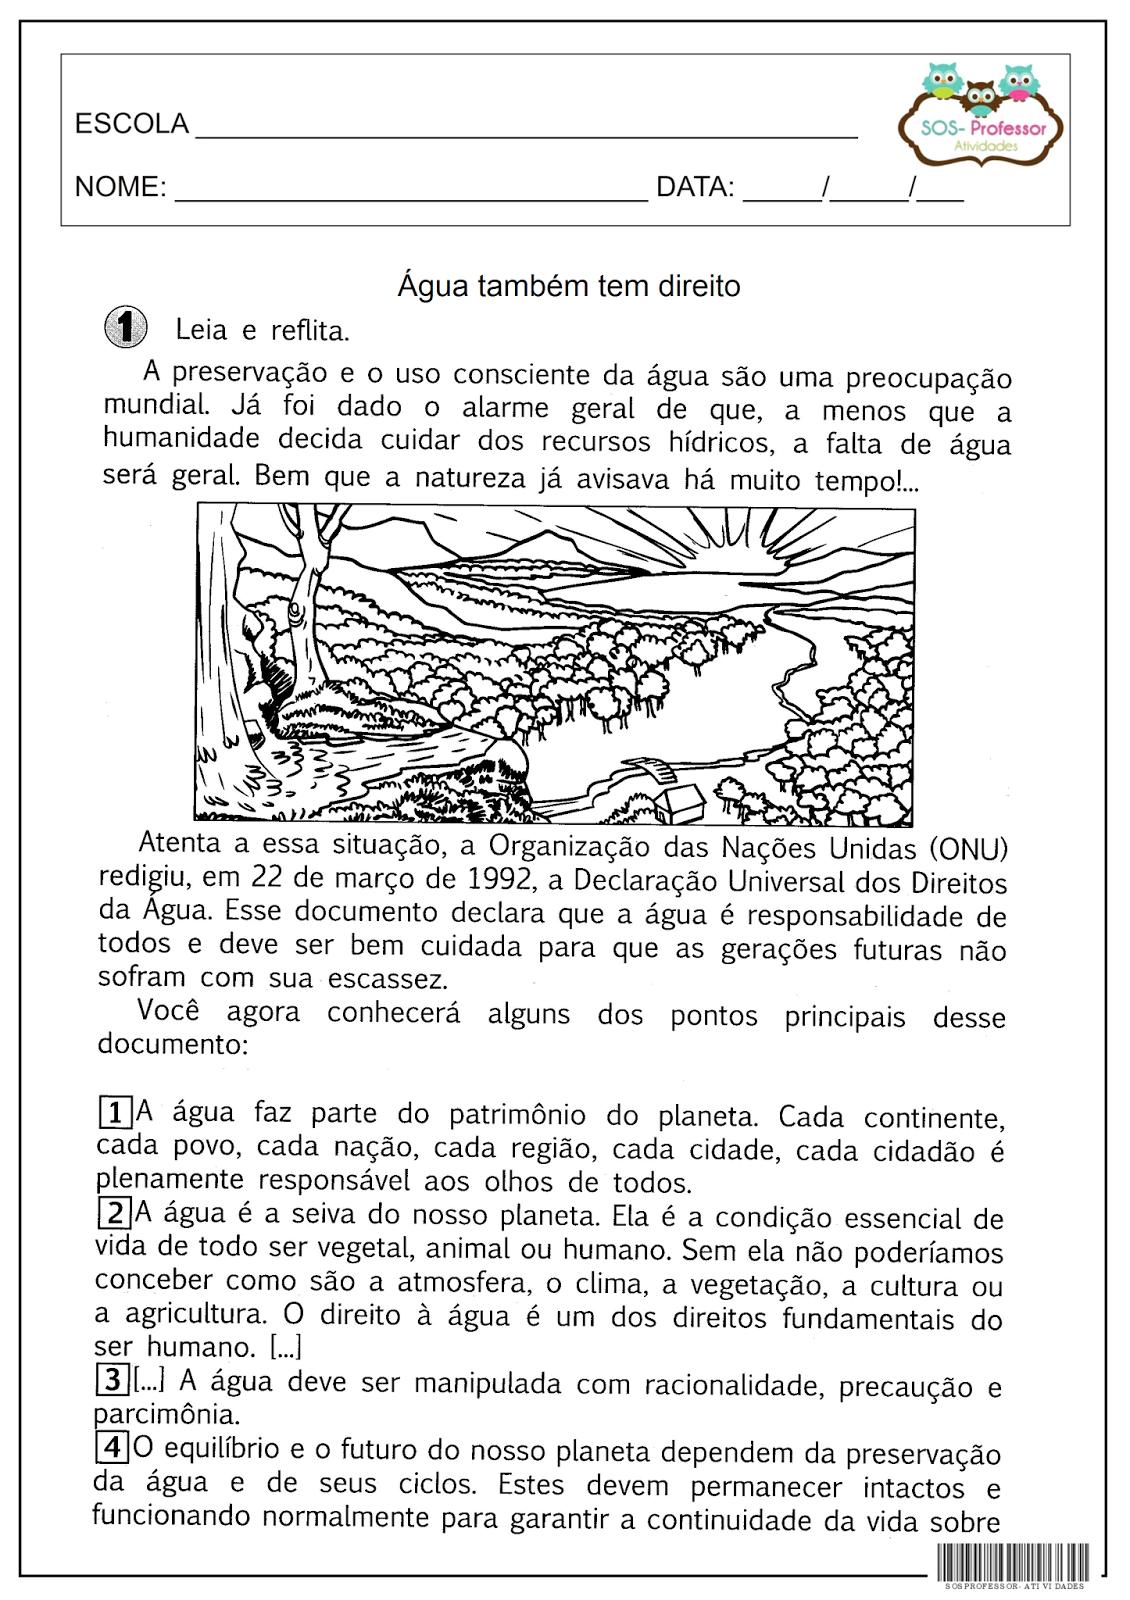 Super SOS PROFESSOR-ATIVIDADES: Água também tem direito | Educação  NR16